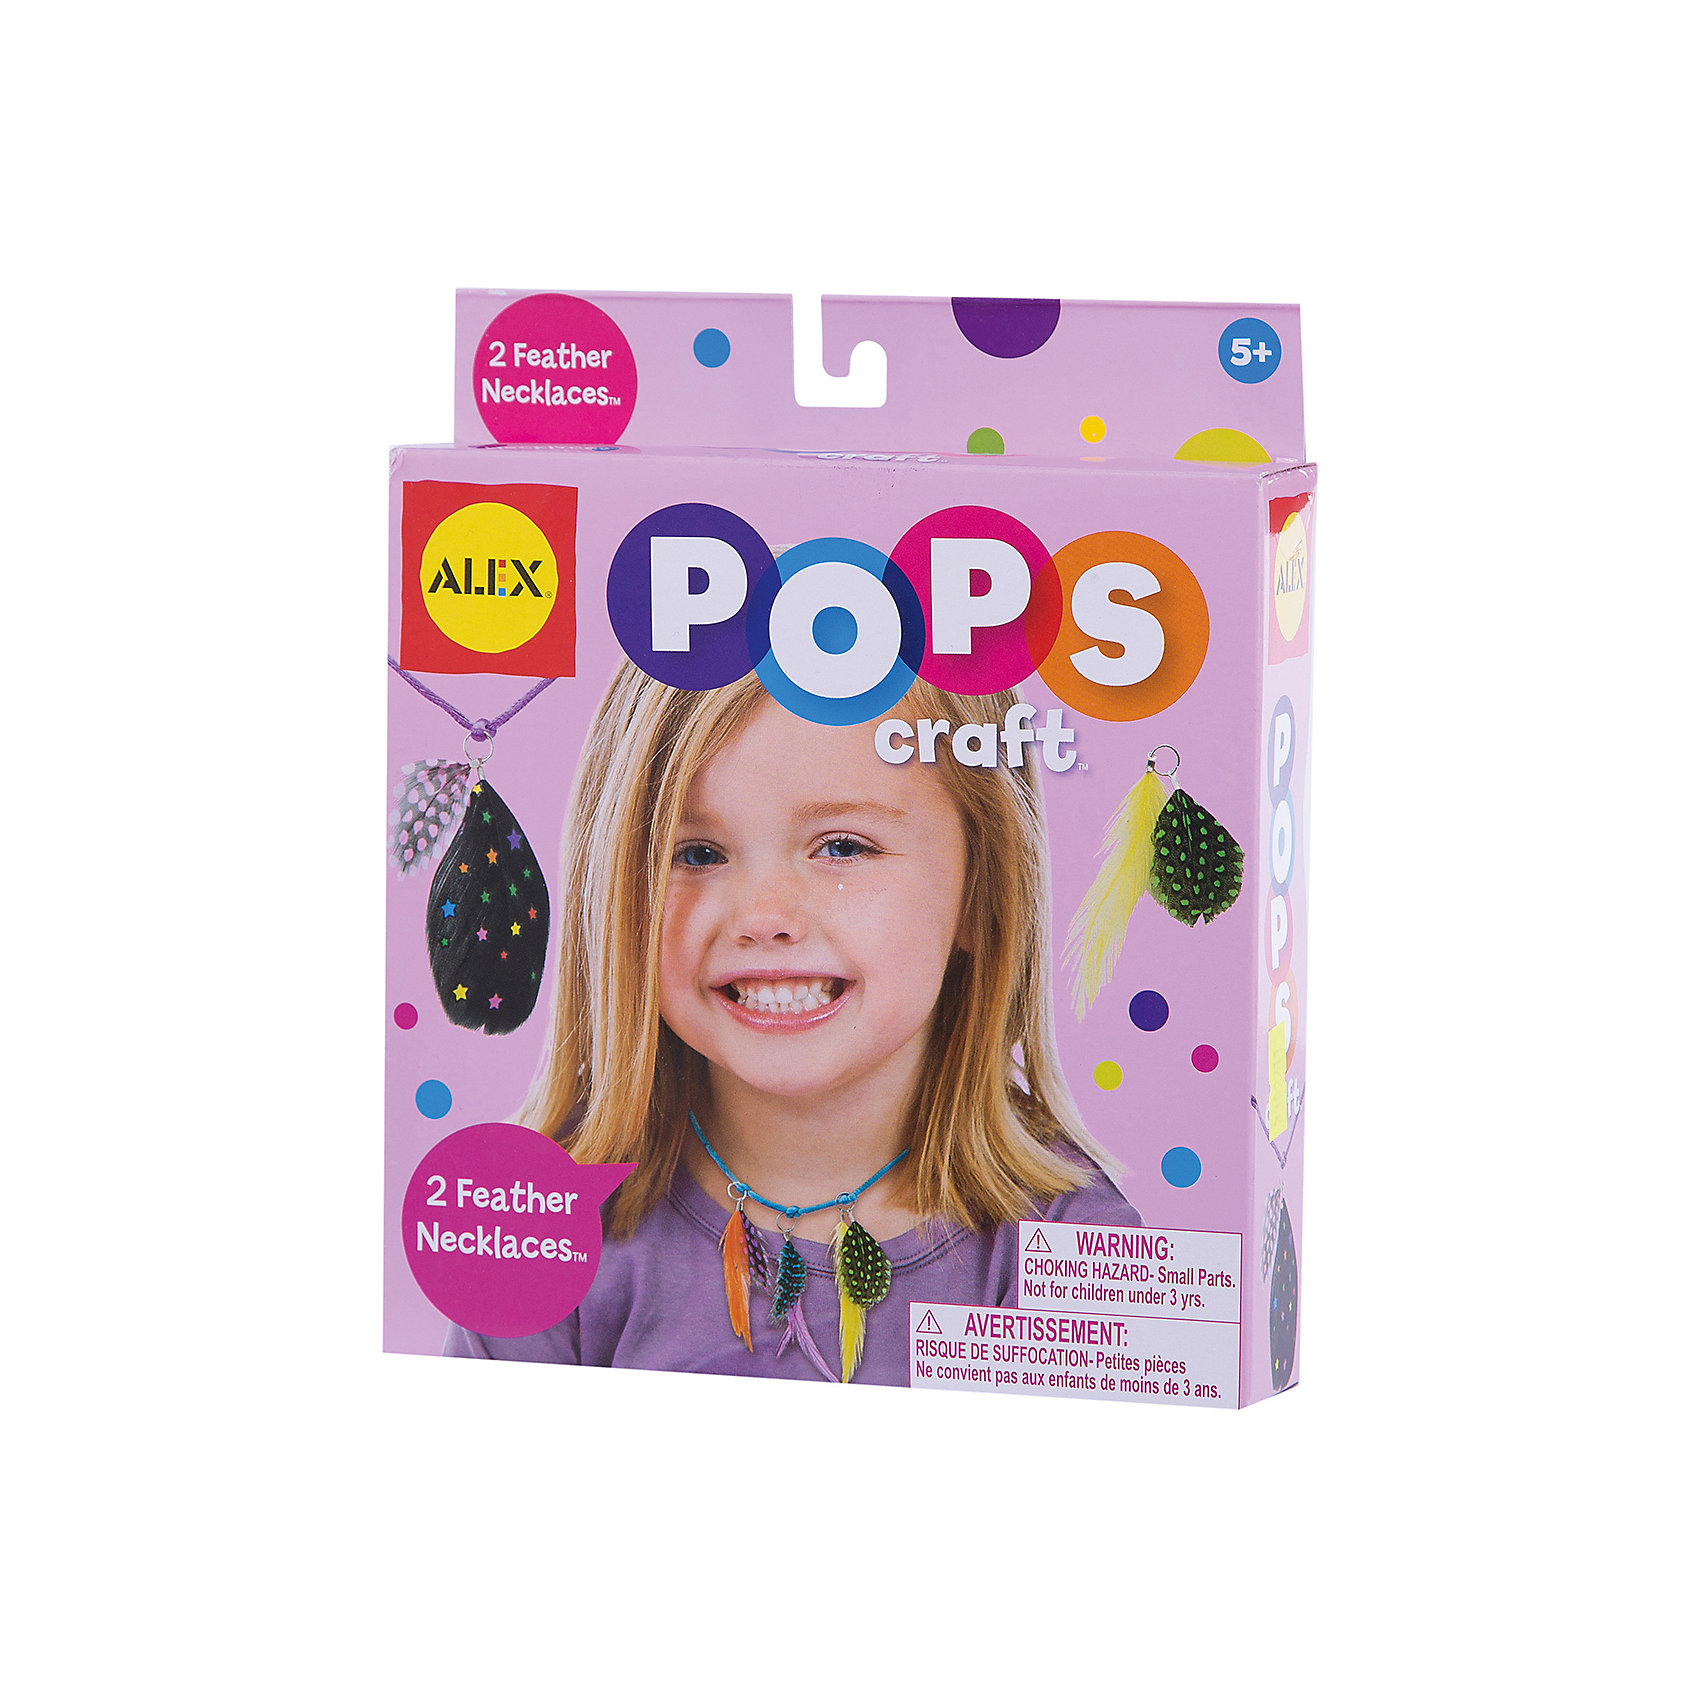 Набор для творчества POPS CRAFT Ожерелья  с цветными перышками ALEXНабор для творчества POPS CRAFT Ожерелья  с цветными перышками от ALEX (Алекс) прекрасный комплект для юных модниц. <br>Маленькой принцессе нужны новые ожерелья для выхода в свет? Не беда! Ей обязательно поможет набор для творчества Ожерелья с цветными перышками. С его помощью можно создать самой два оригинальных ожерелья по собственному дизайну.<br><br>Дополнительная информация: <br>- В наборе: 8 раскрашенных пера, 2 атласных шнурка и простая инструкция.<br>- Размер упаковки: 152х159х108 мм.<br>- Вес: 599 г.<br><br>Набор для творчества POPS CRAFT Ожерелья  с цветными перышками станет прекрасным подарком для творческих принцесс!<br><br>Набор для творчества POPS CRAFT Ожерелья  с цветными перышками ALEX  можно купить в нашем интернет-магазине.<br><br>Ширина мм: 210<br>Глубина мм: 38<br>Высота мм: 180<br>Вес г: 599<br>Возраст от месяцев: 60<br>Возраст до месяцев: 96<br>Пол: Женский<br>Возраст: Детский<br>SKU: 3309711